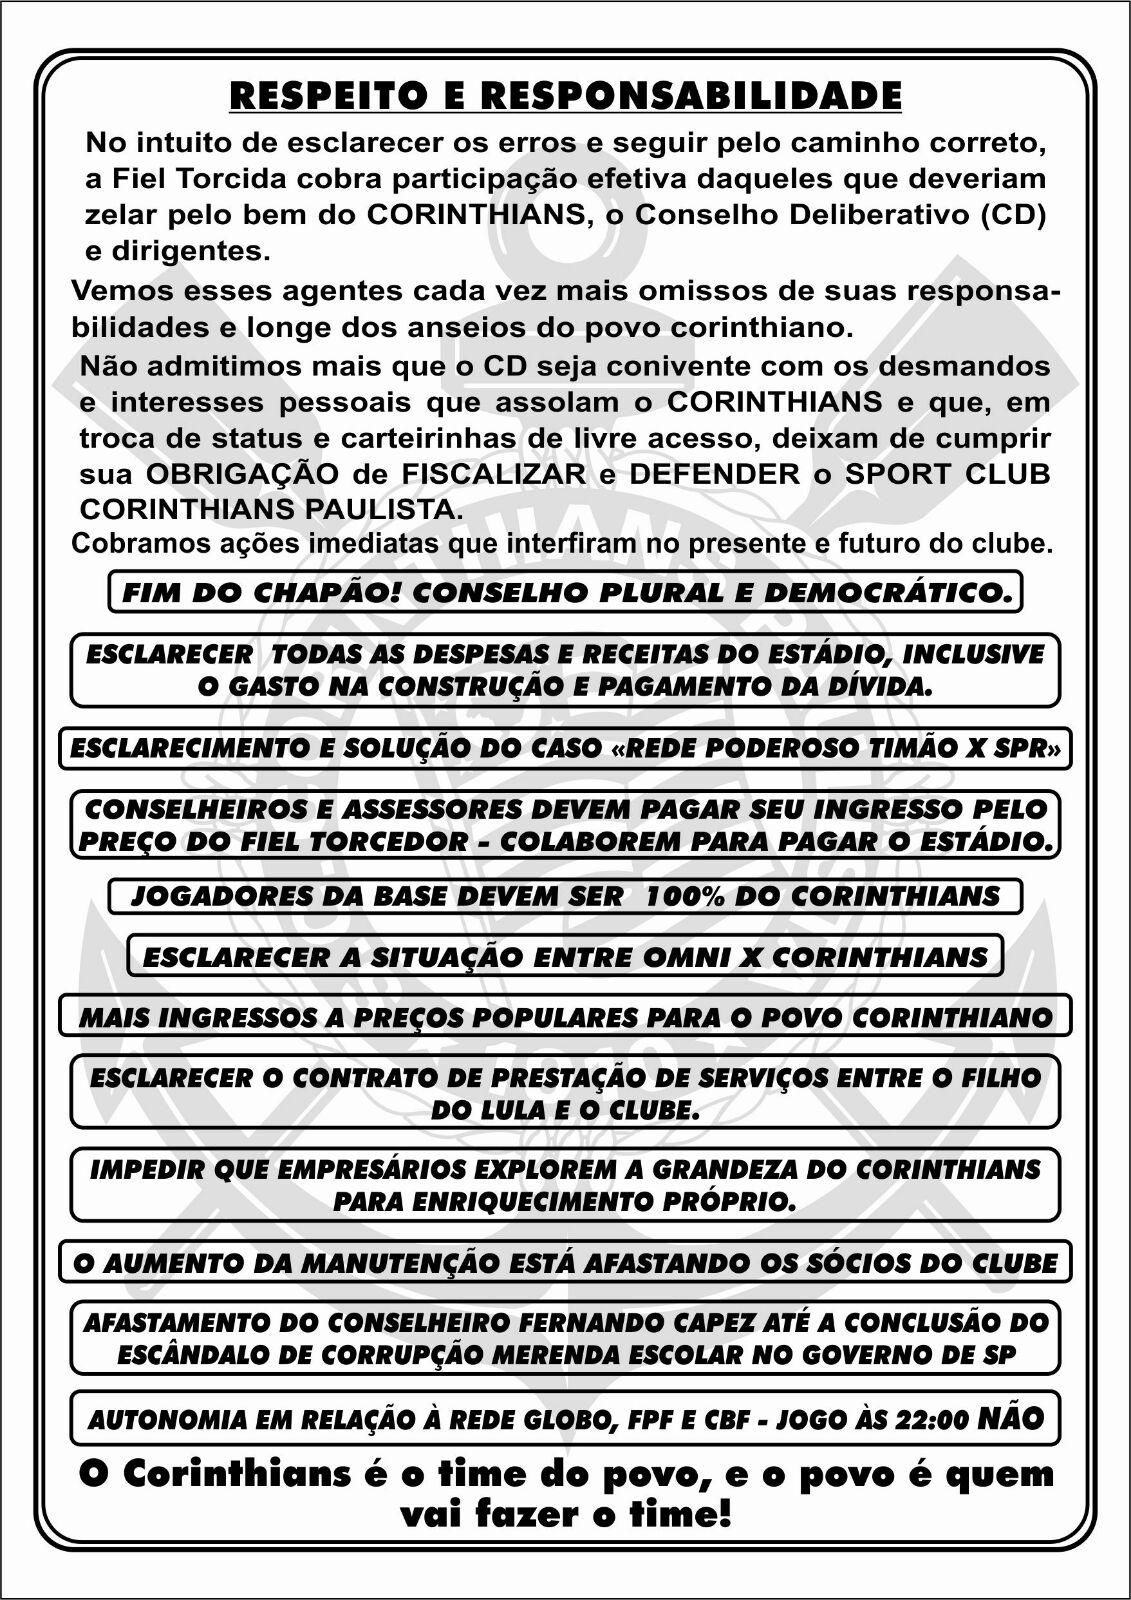 Blog do Perrone - UOL Esporte e749f70a0f737